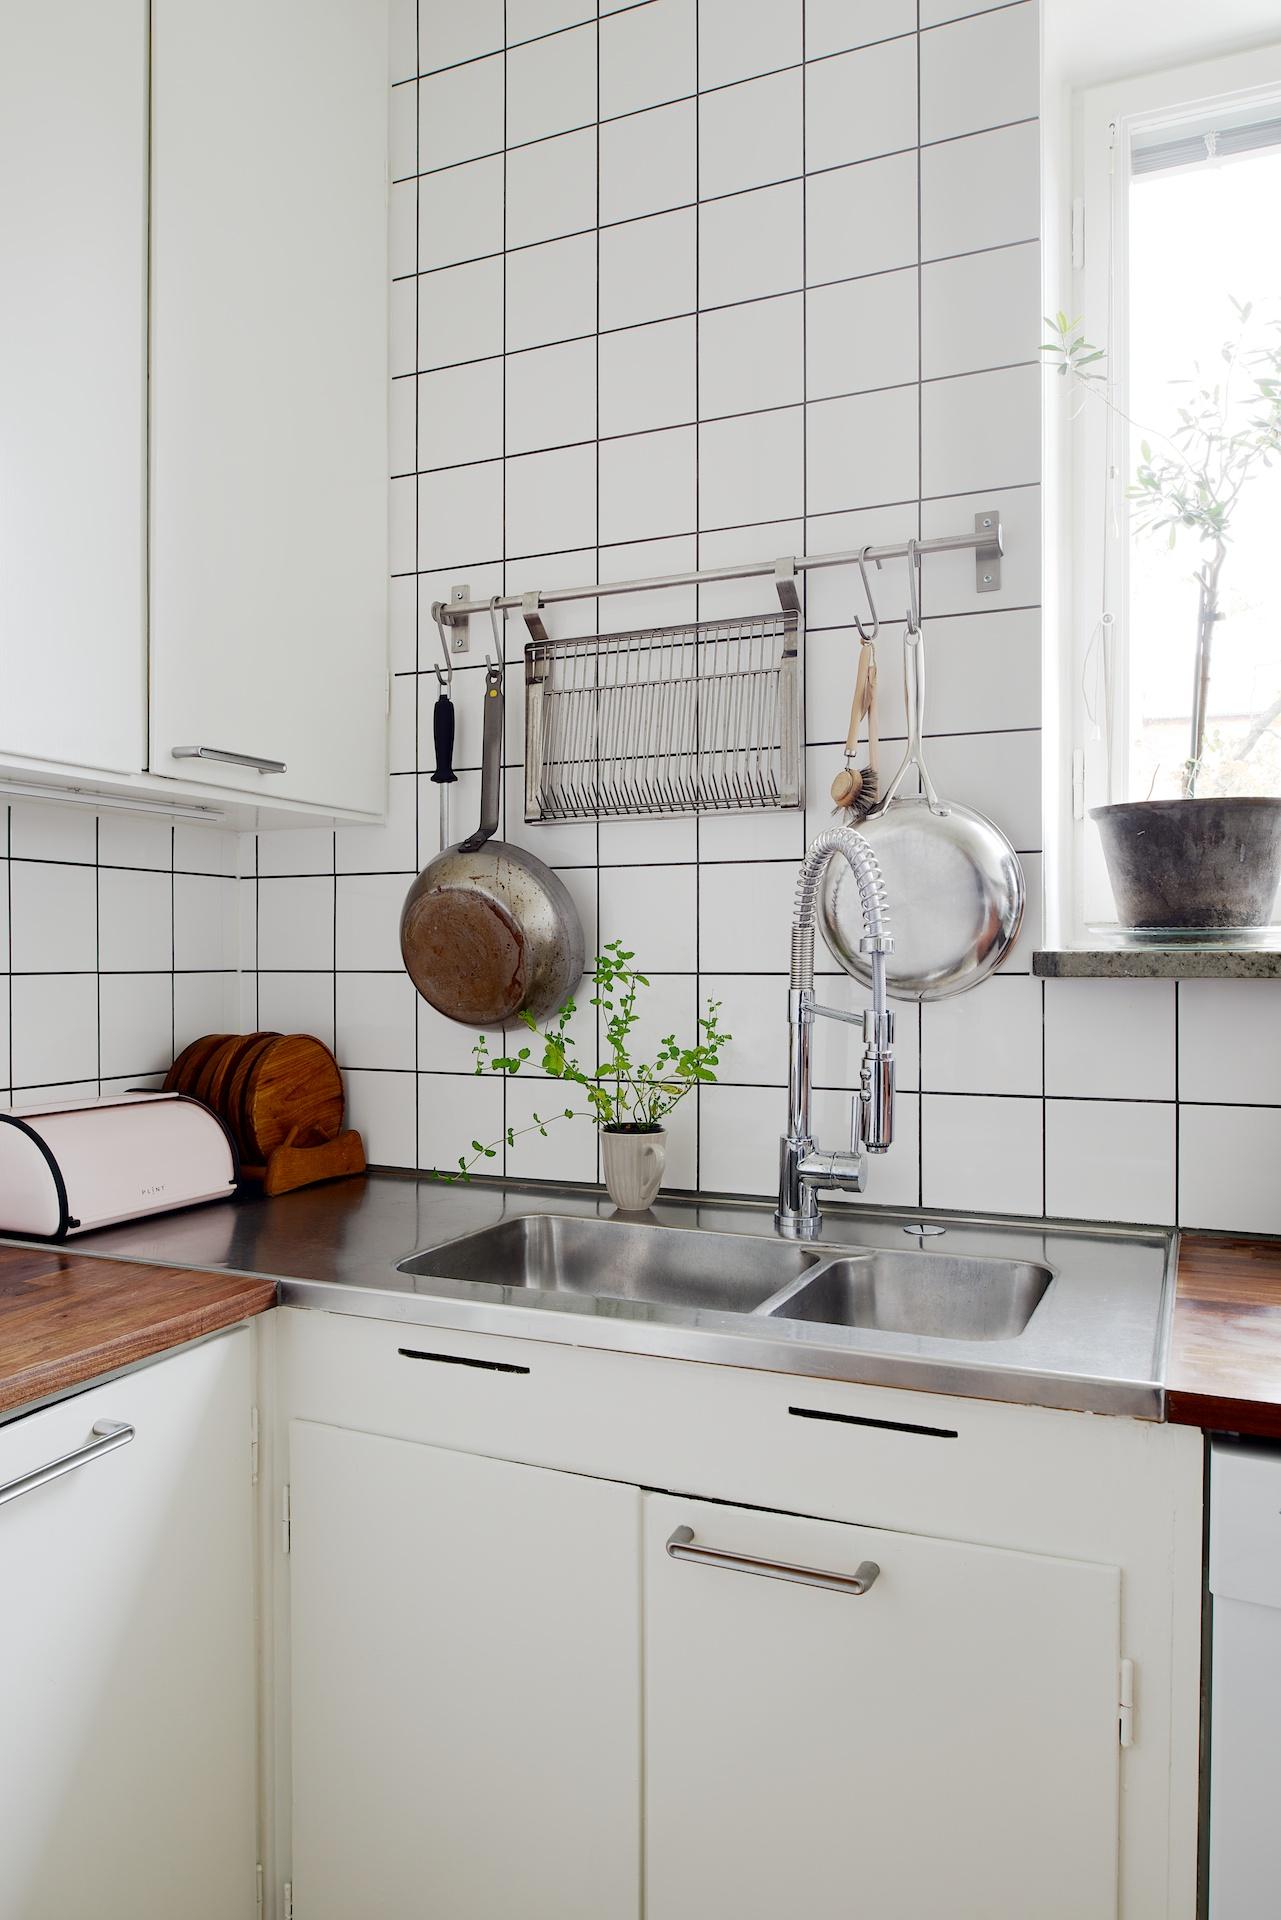 Kök i Solna fick ny stil - Erarum - Design & interiör